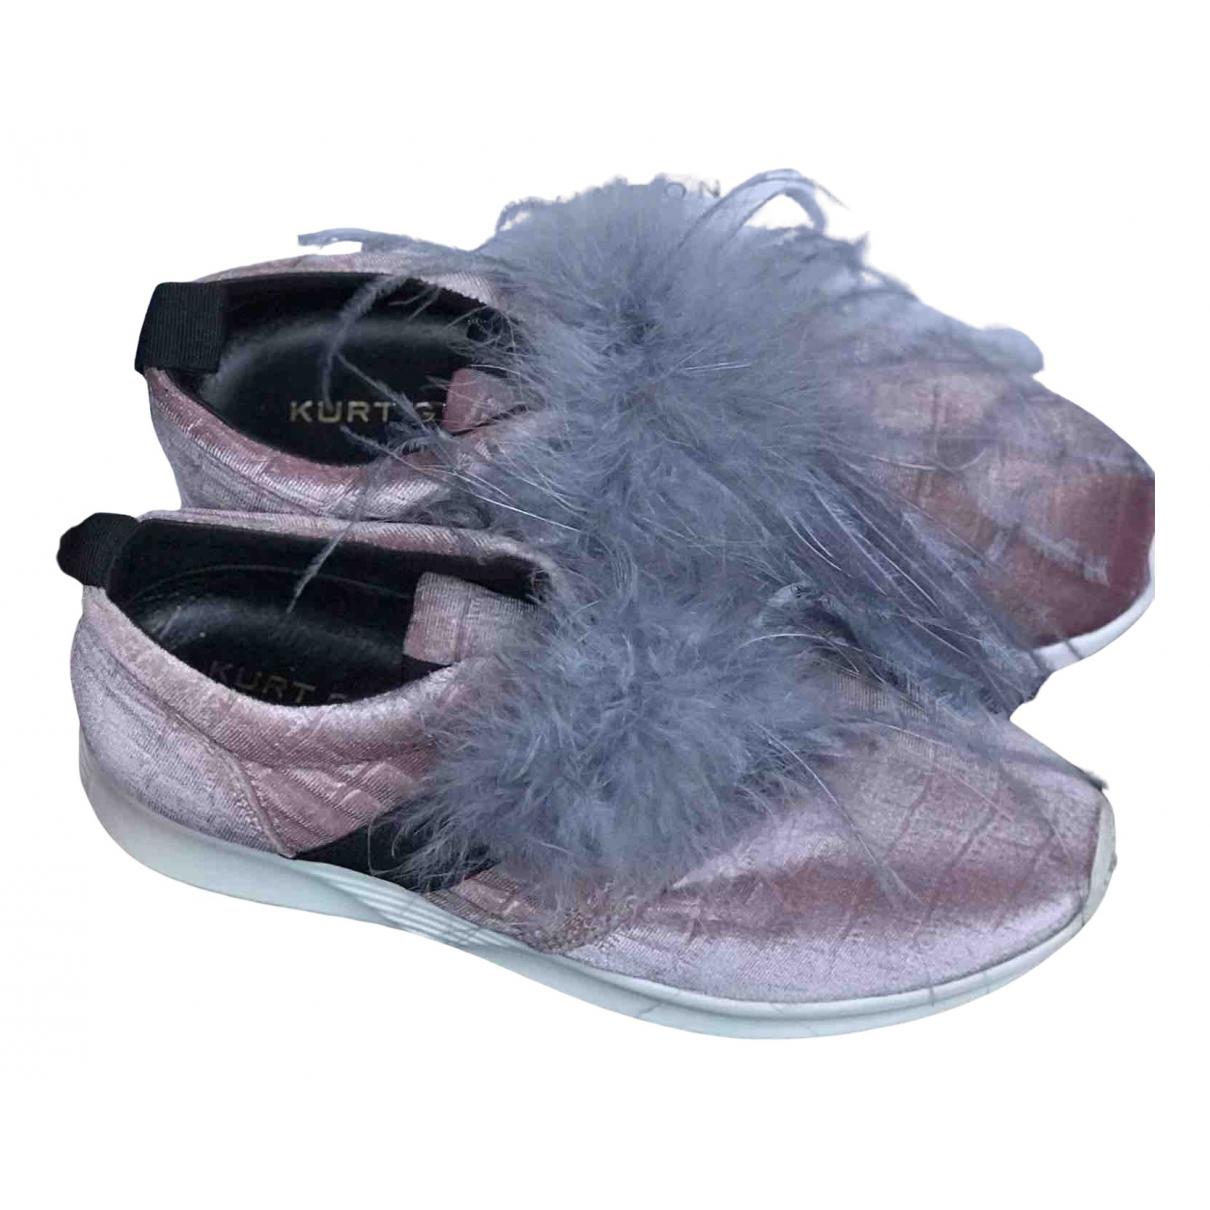 Kurt Geiger \N Sneakers in  Rosa Samt